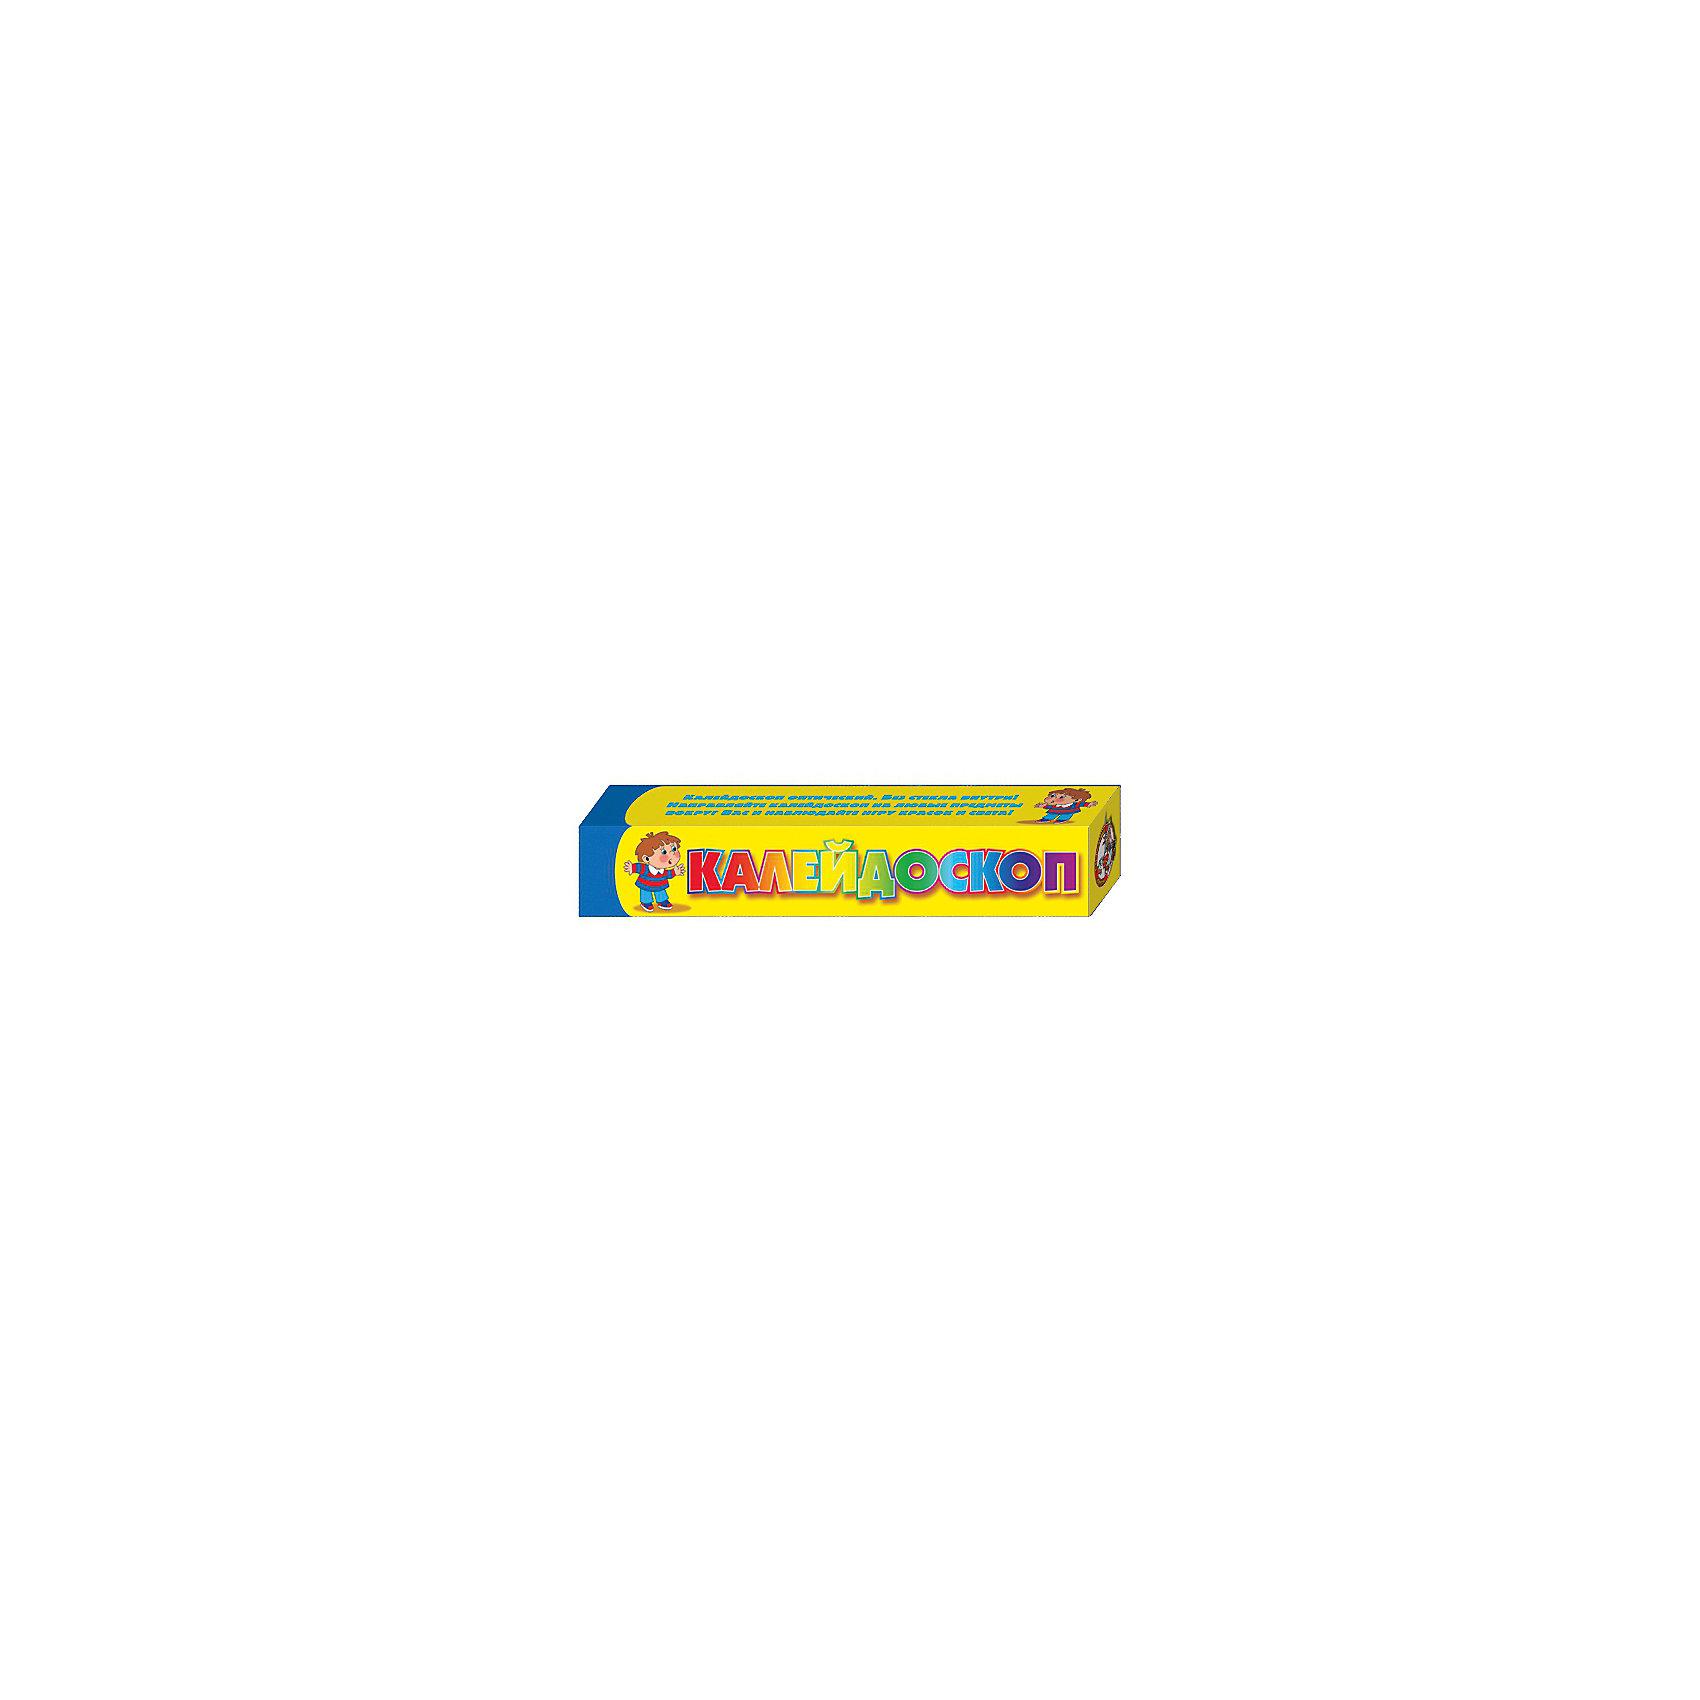 Калейдоскоп в желтой коробке, Десятое королевствоКалейдоскоп в желтой коробке, Десятое королевство<br><br>Характеристики: <br><br>• Возраст: от 3 лет<br>• Материал: пластик<br>• Размер игрушки: длина 22см, диаметр 4см<br><br>Этот уникальный оптический калейдоскоп изготовлен из пластика и стекла. Благодаря тому, что внутри него не содержится цветных стеклышек - он полностью безопасен для малышей. <br><br>Узоры получаются за счет отражения от поверхности, на которую направлен калейдоскоп, а так же благодаря увеличительному стеклу и системе зеркал. Лучше всего использовать его при ярком солнечном свете.<br><br>Калейдоскоп в желтой коробке, Десятое королевство можно купить в нашем интернет-магазине.<br><br>Ширина мм: 225<br>Глубина мм: 40<br>Высота мм: 40<br>Вес г: 113<br>Возраст от месяцев: 36<br>Возраст до месяцев: 60<br>Пол: Унисекс<br>Возраст: Детский<br>SKU: 5473763